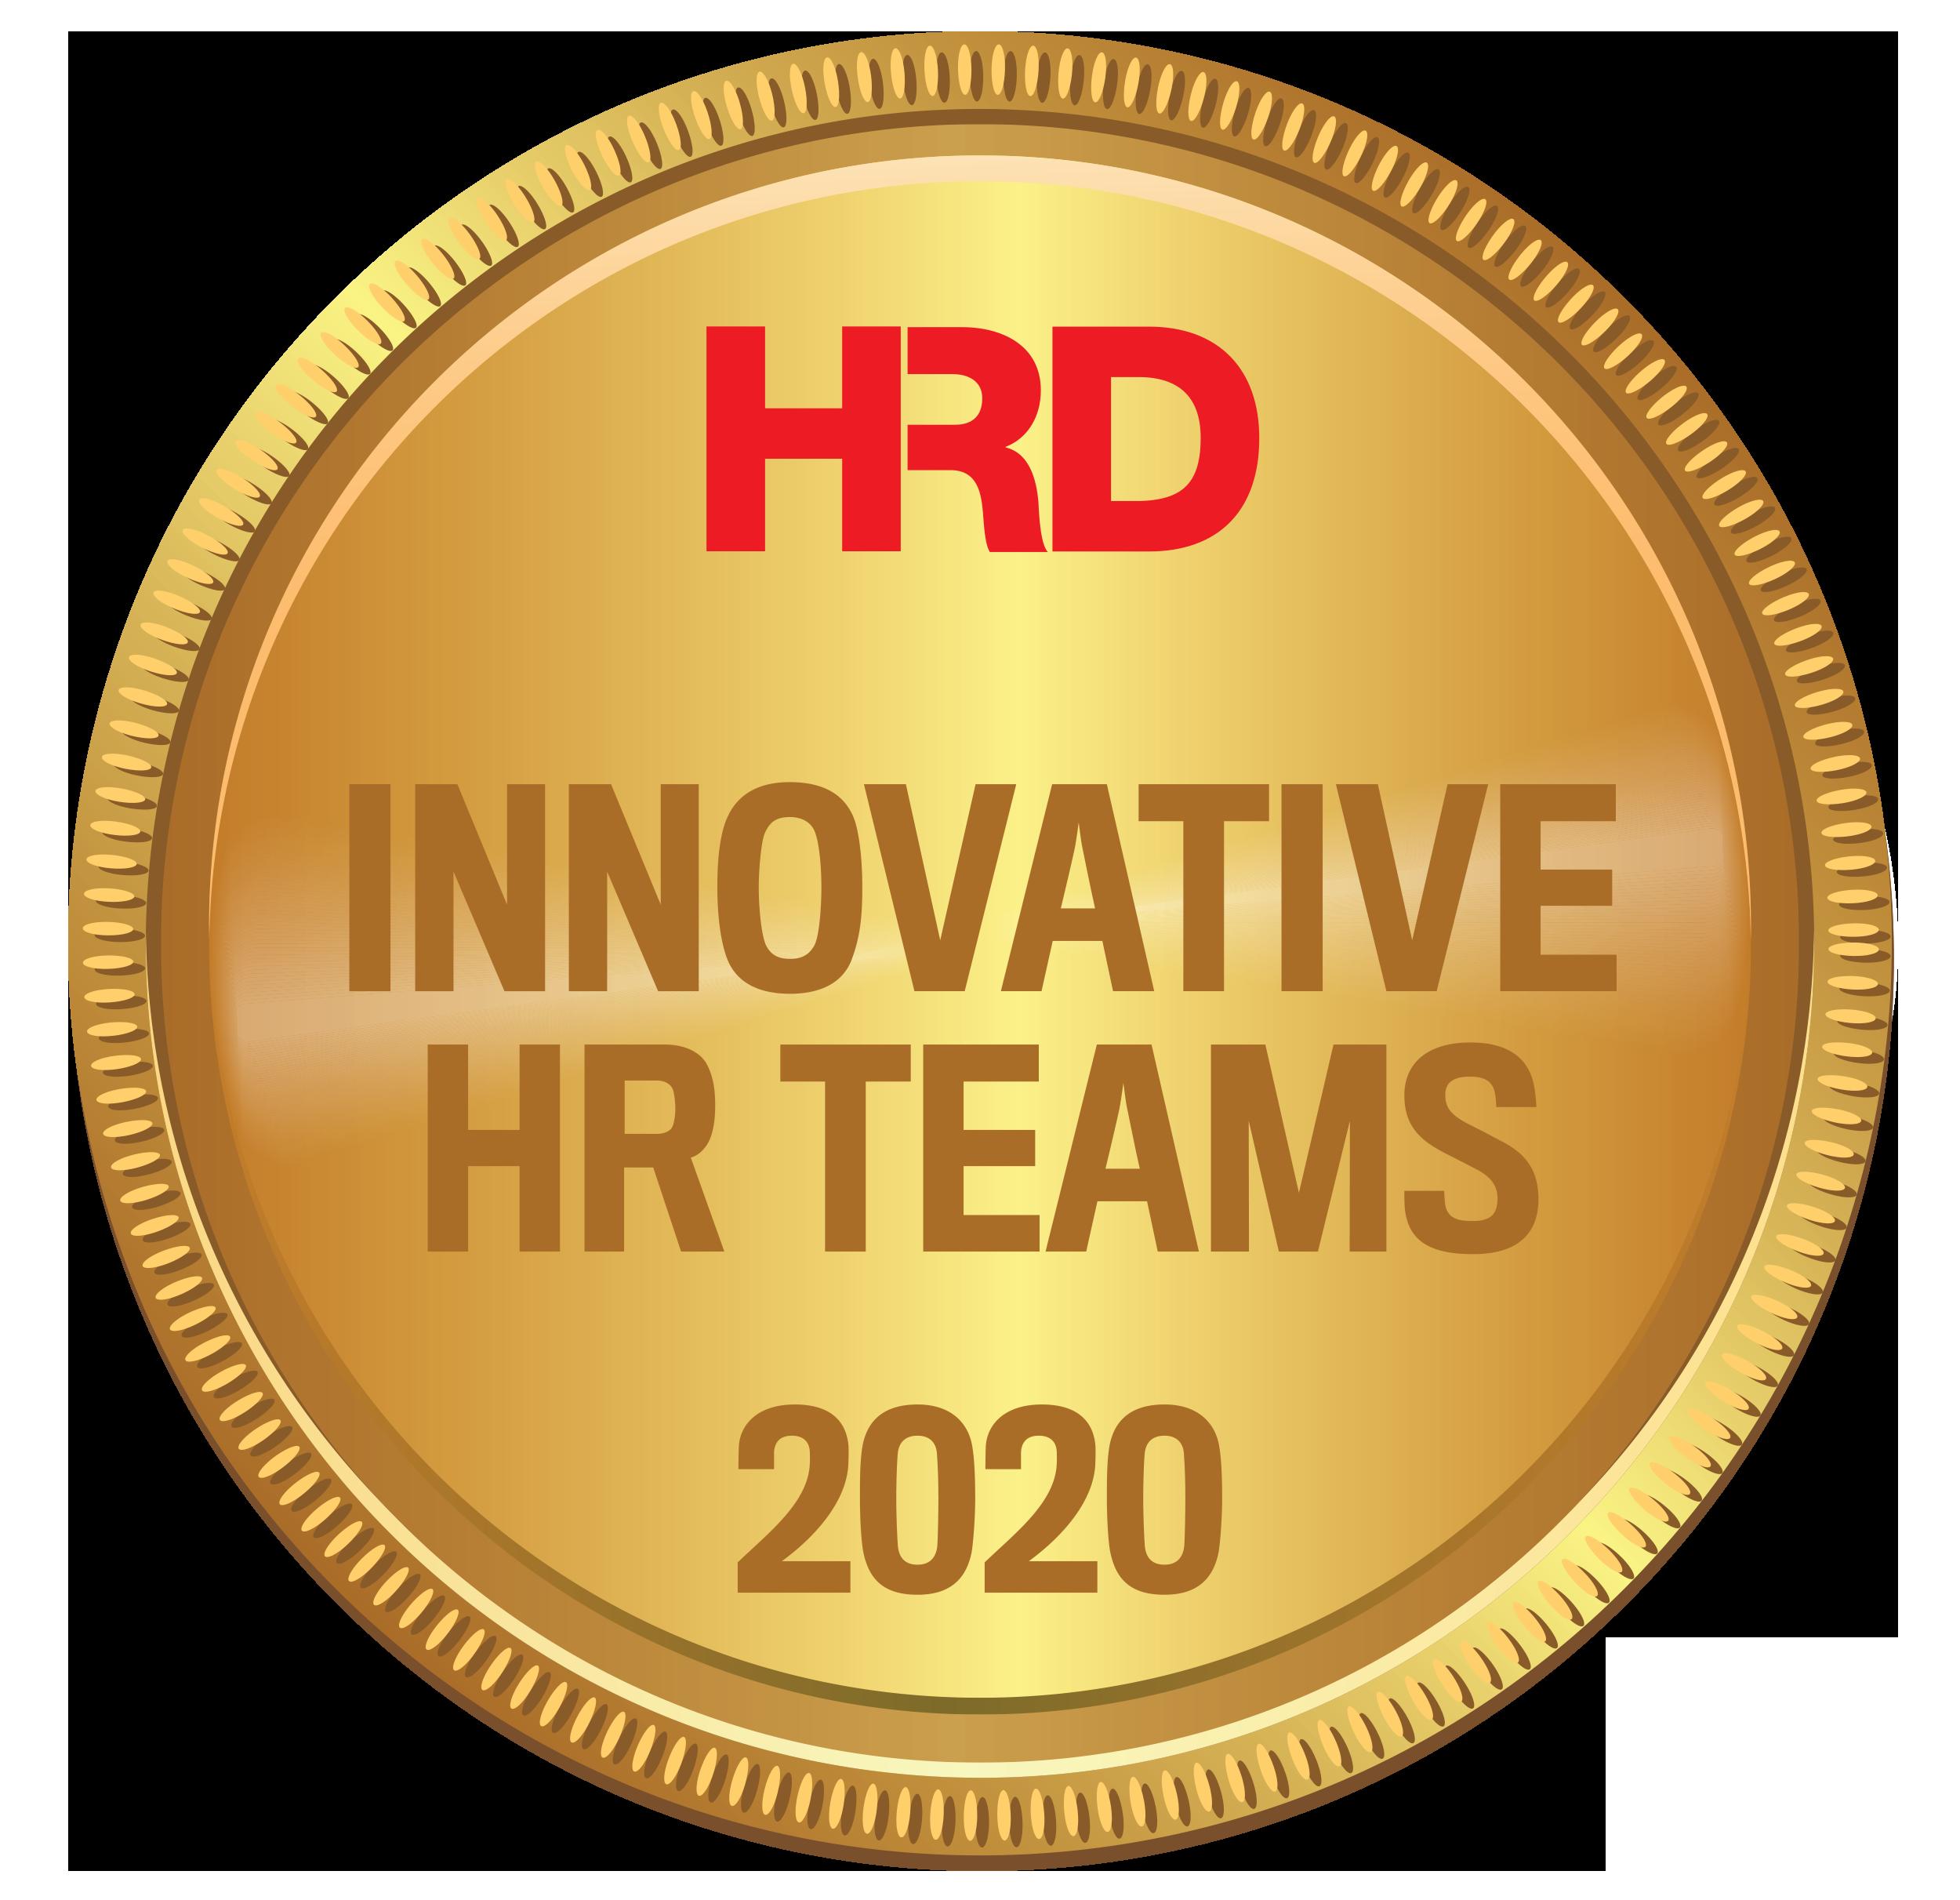 Innovative HR Teams 2020